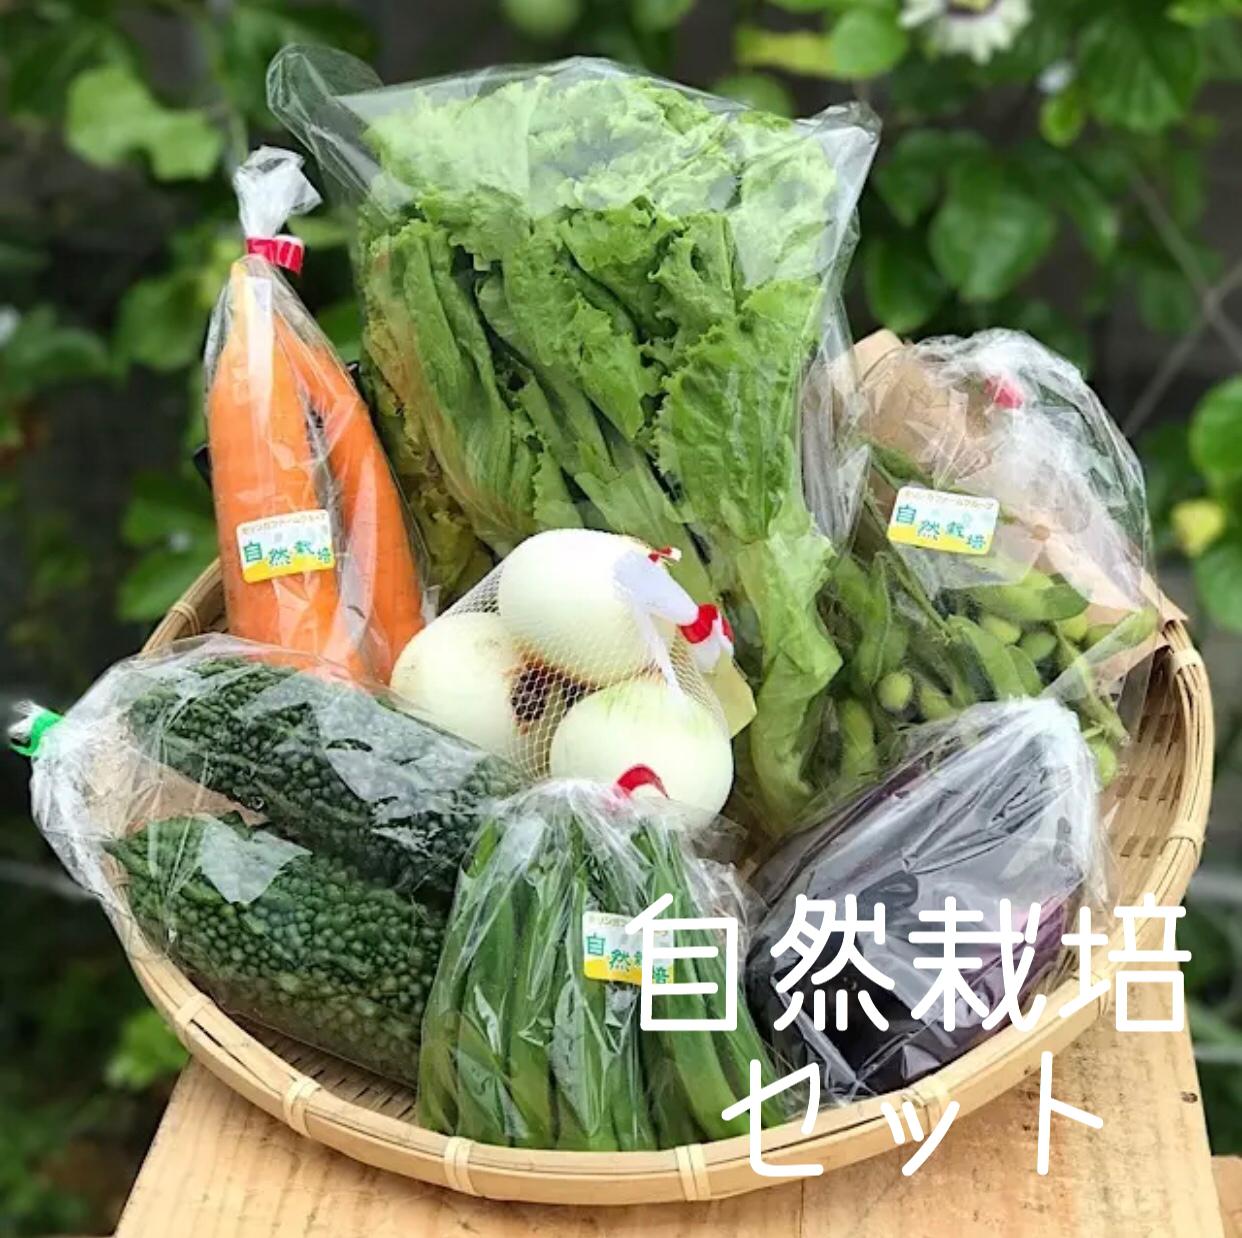 安心自然栽培野菜【M set】8品 送料無料